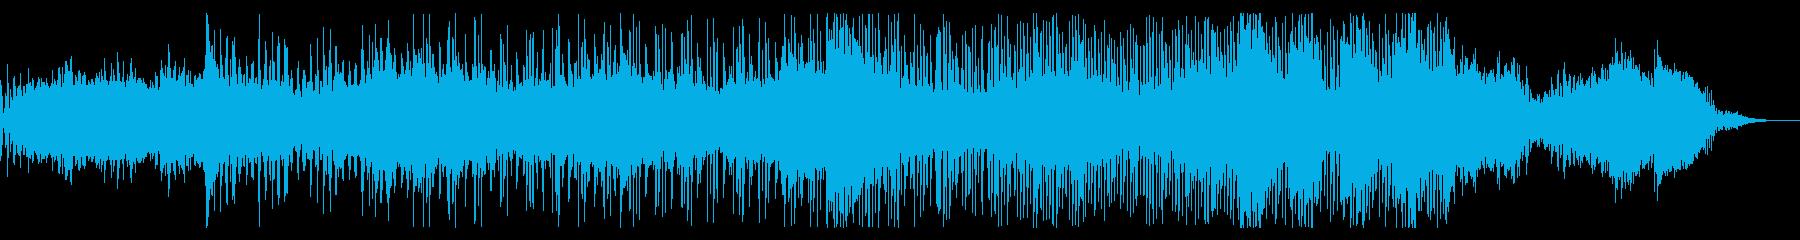 アンビエントなIDMドローンの再生済みの波形